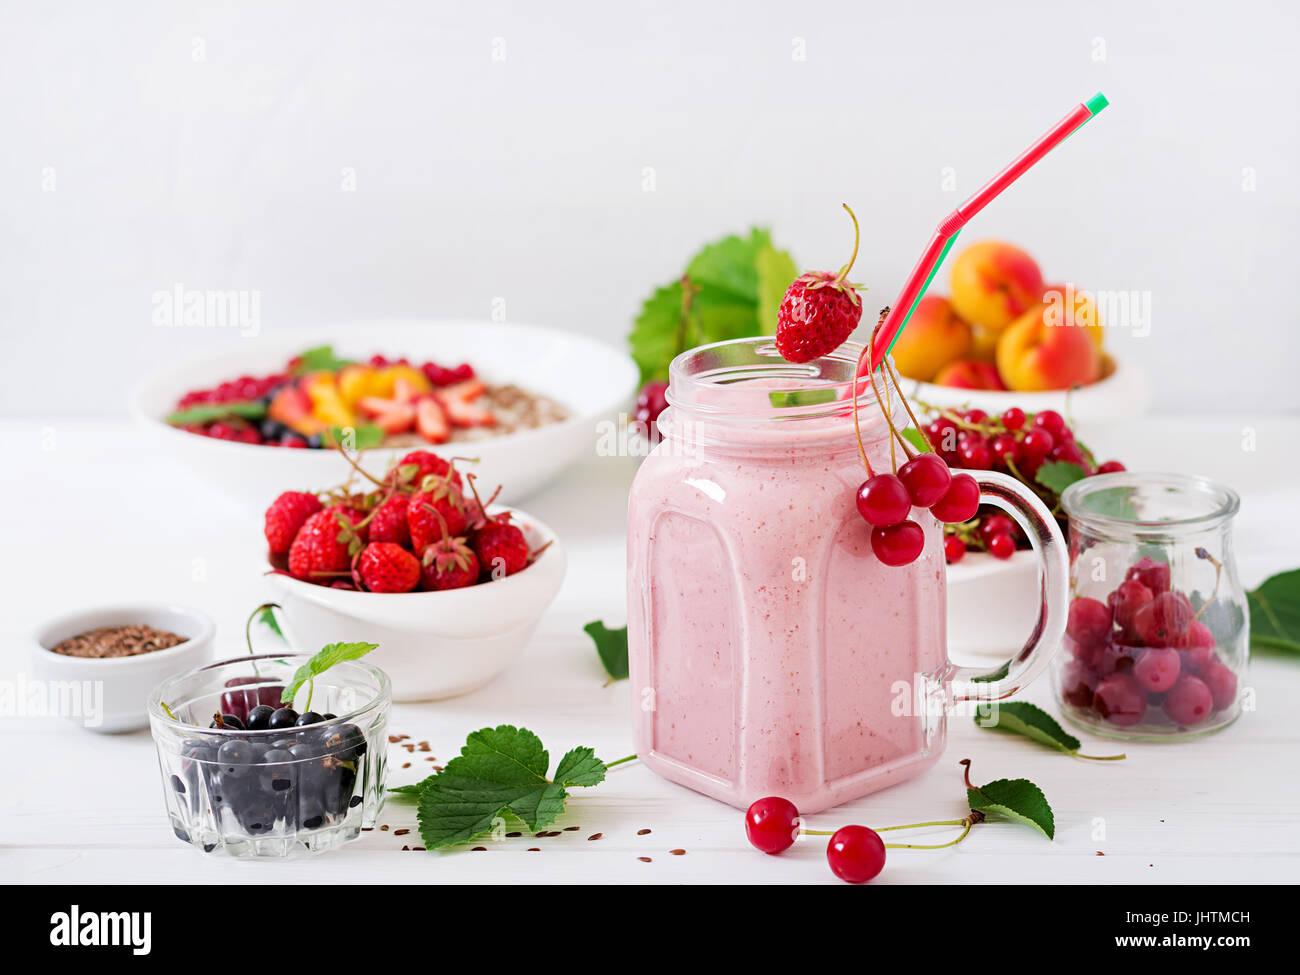 Yogurt-fragola frullati in un recipiente su sfondo bianco Immagini Stock